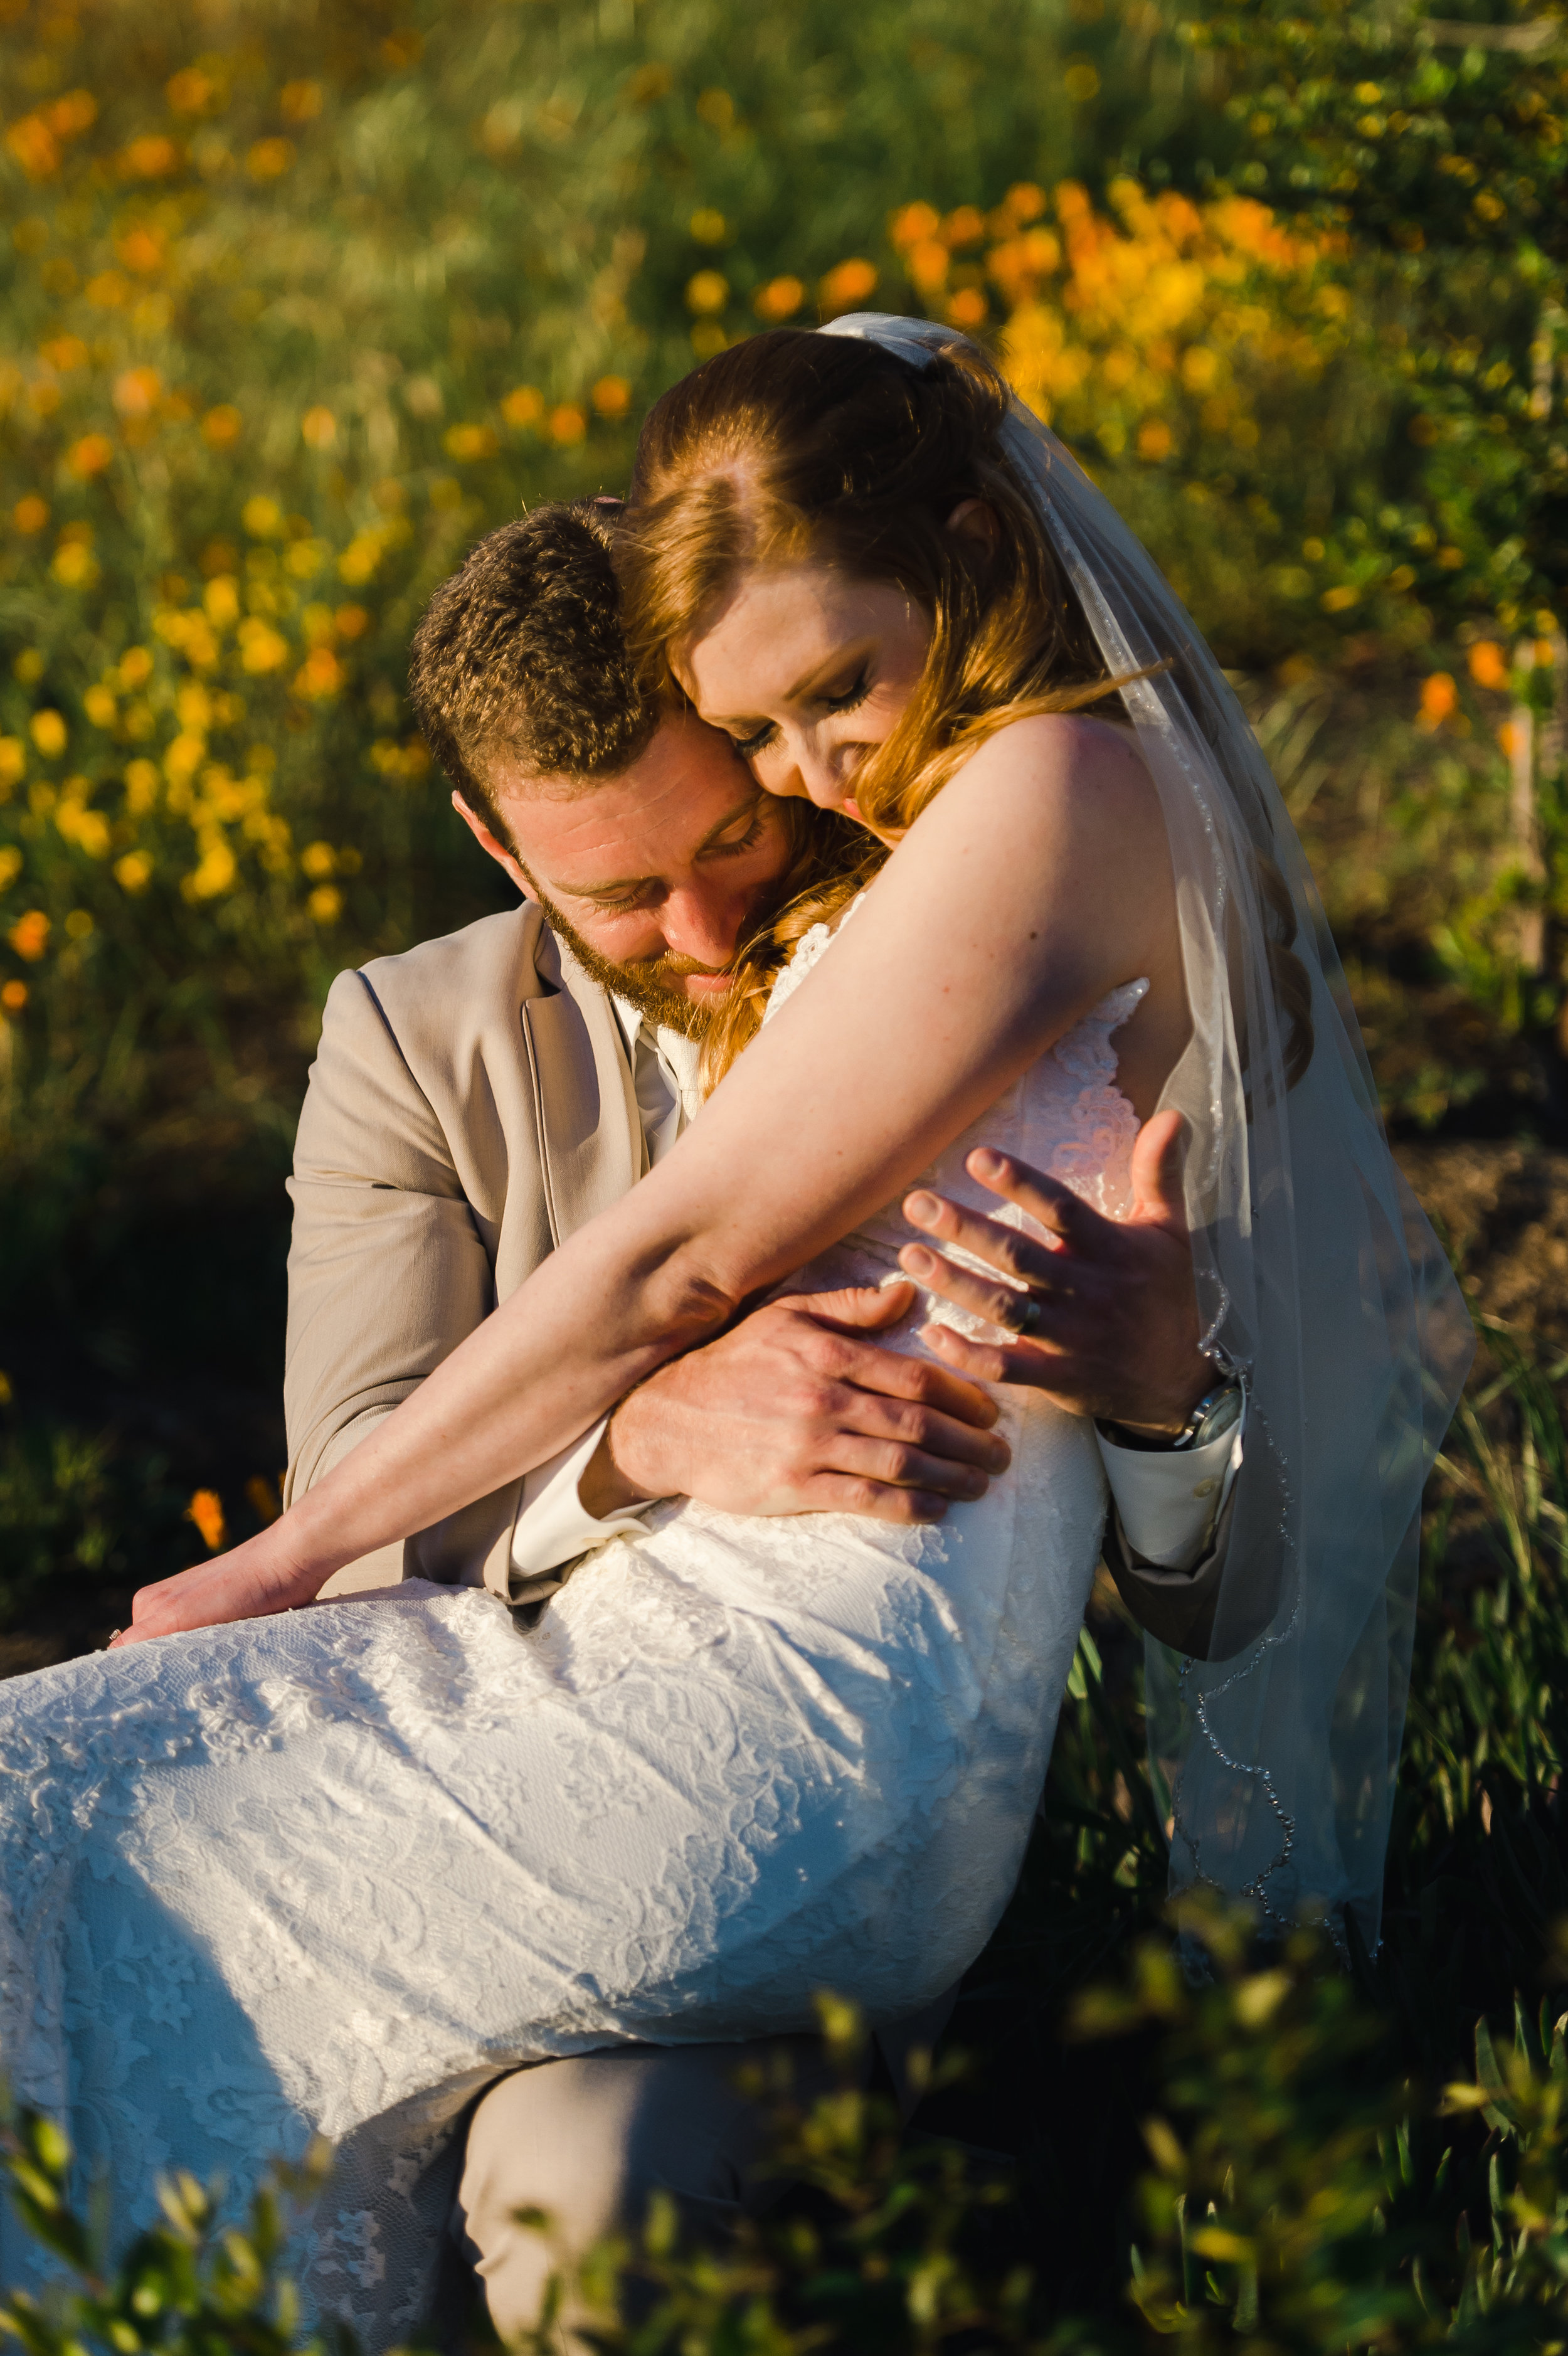 53mountpalomarwineryweddingpictures.jpg